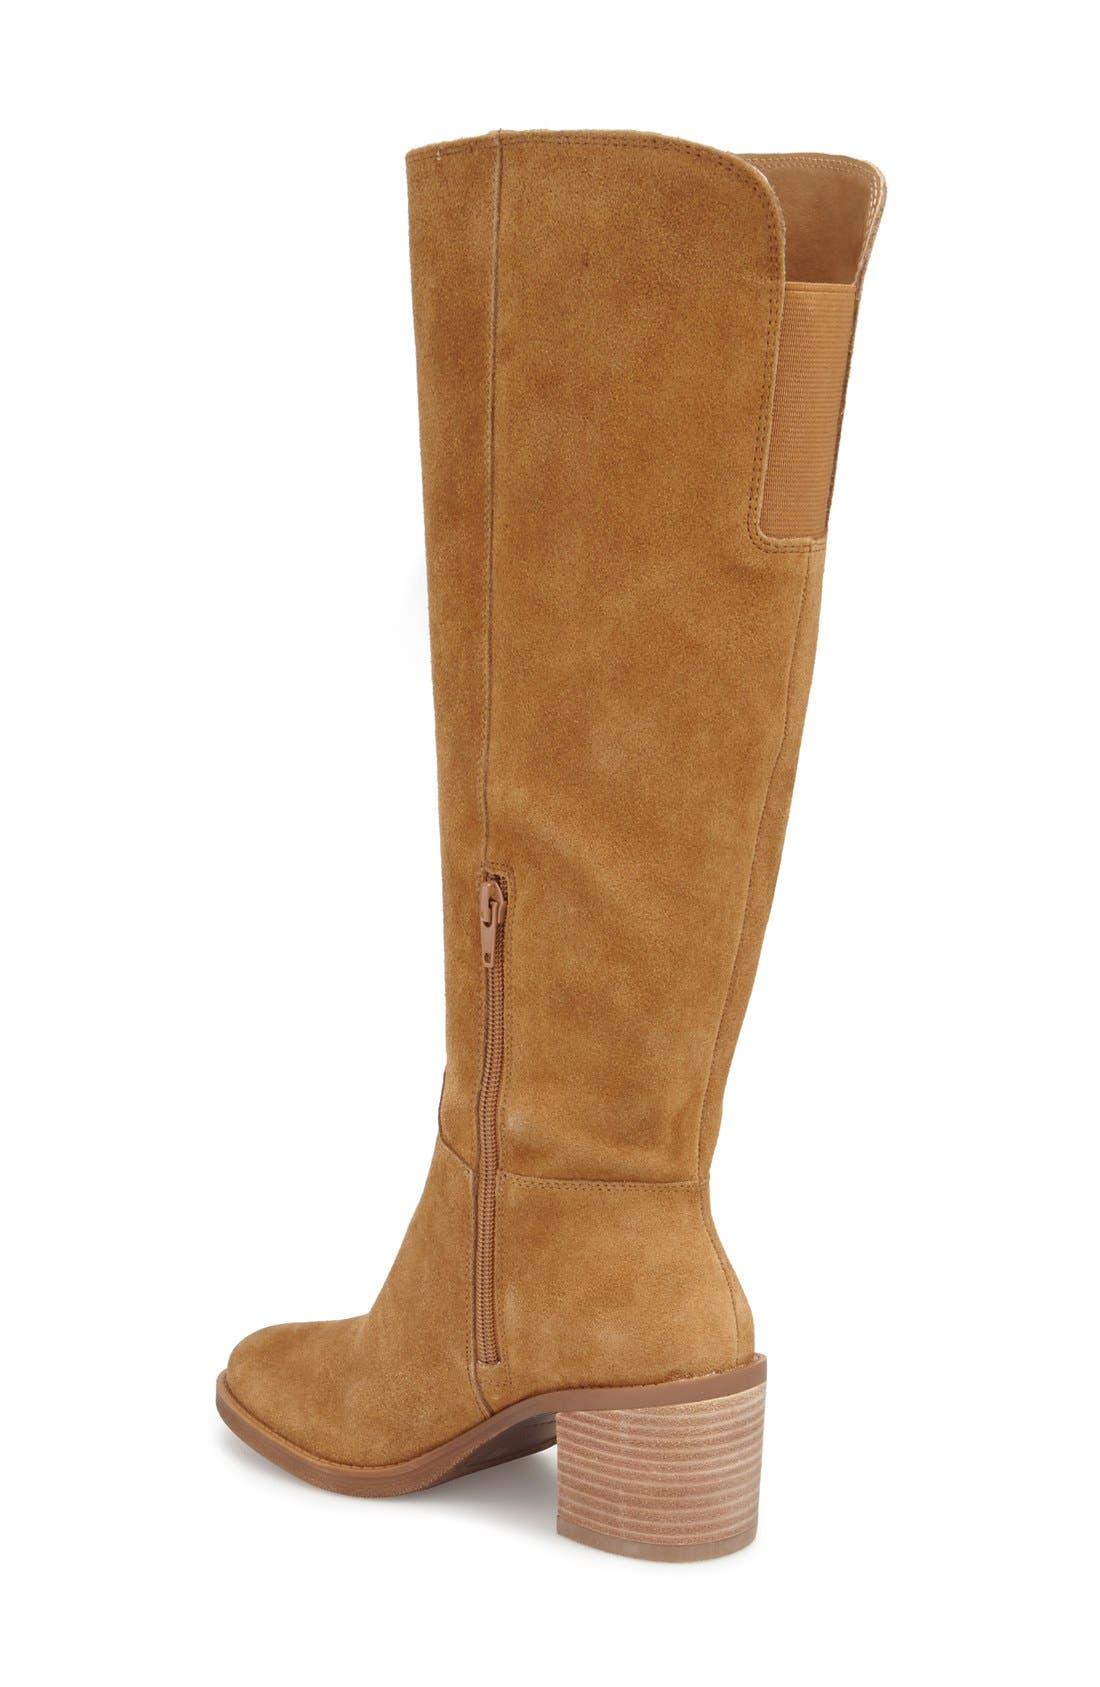 Alternate Image 2  - Lucky Brand Ritten Tall Boot (Women) (Wide Calf)